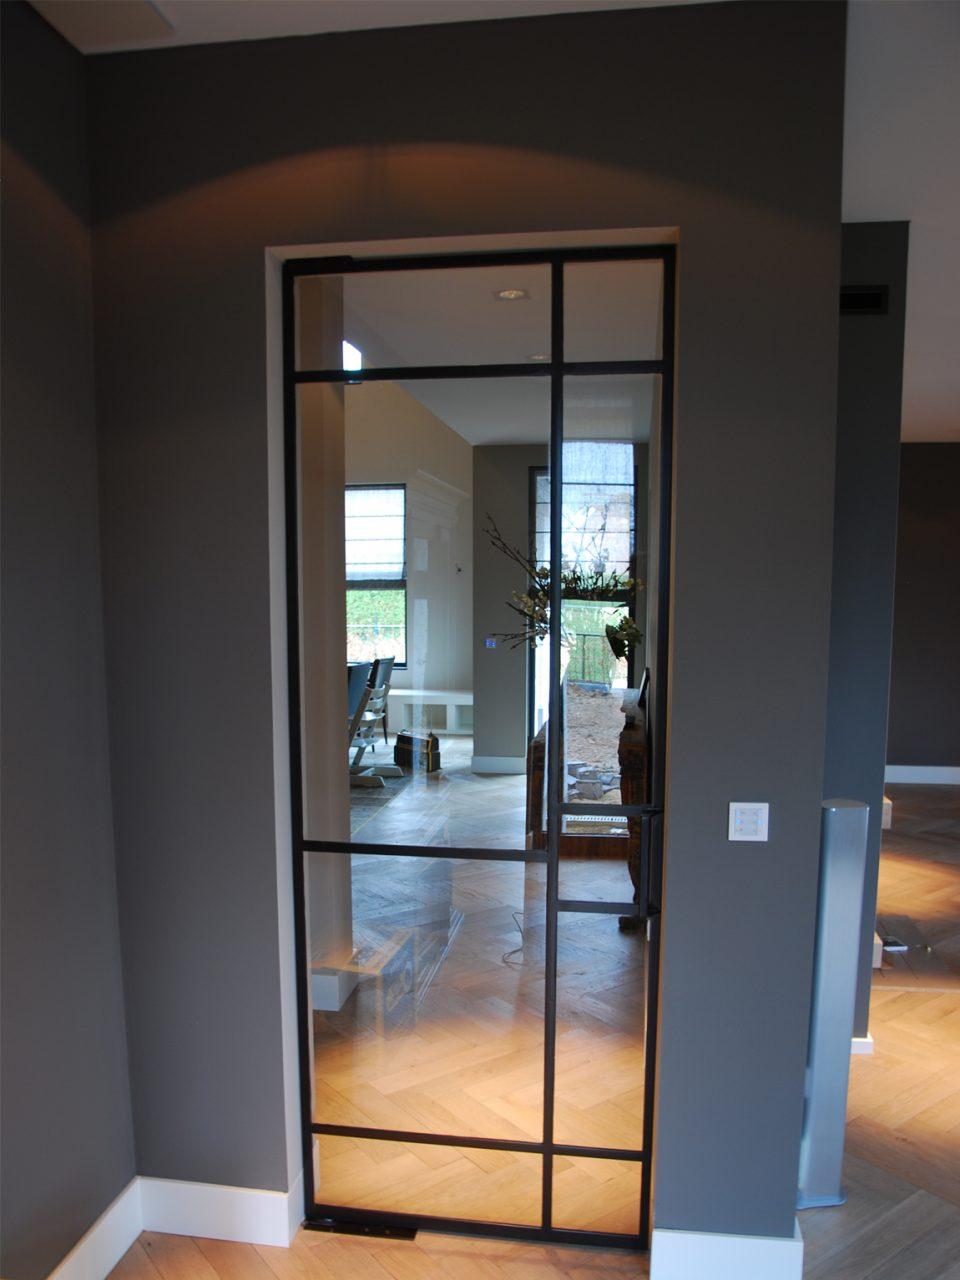 Moderne deur, Moderne, Taatsdeur, Modern interieur, Stalen taatsdeur, Stalen deuren, stalen deur